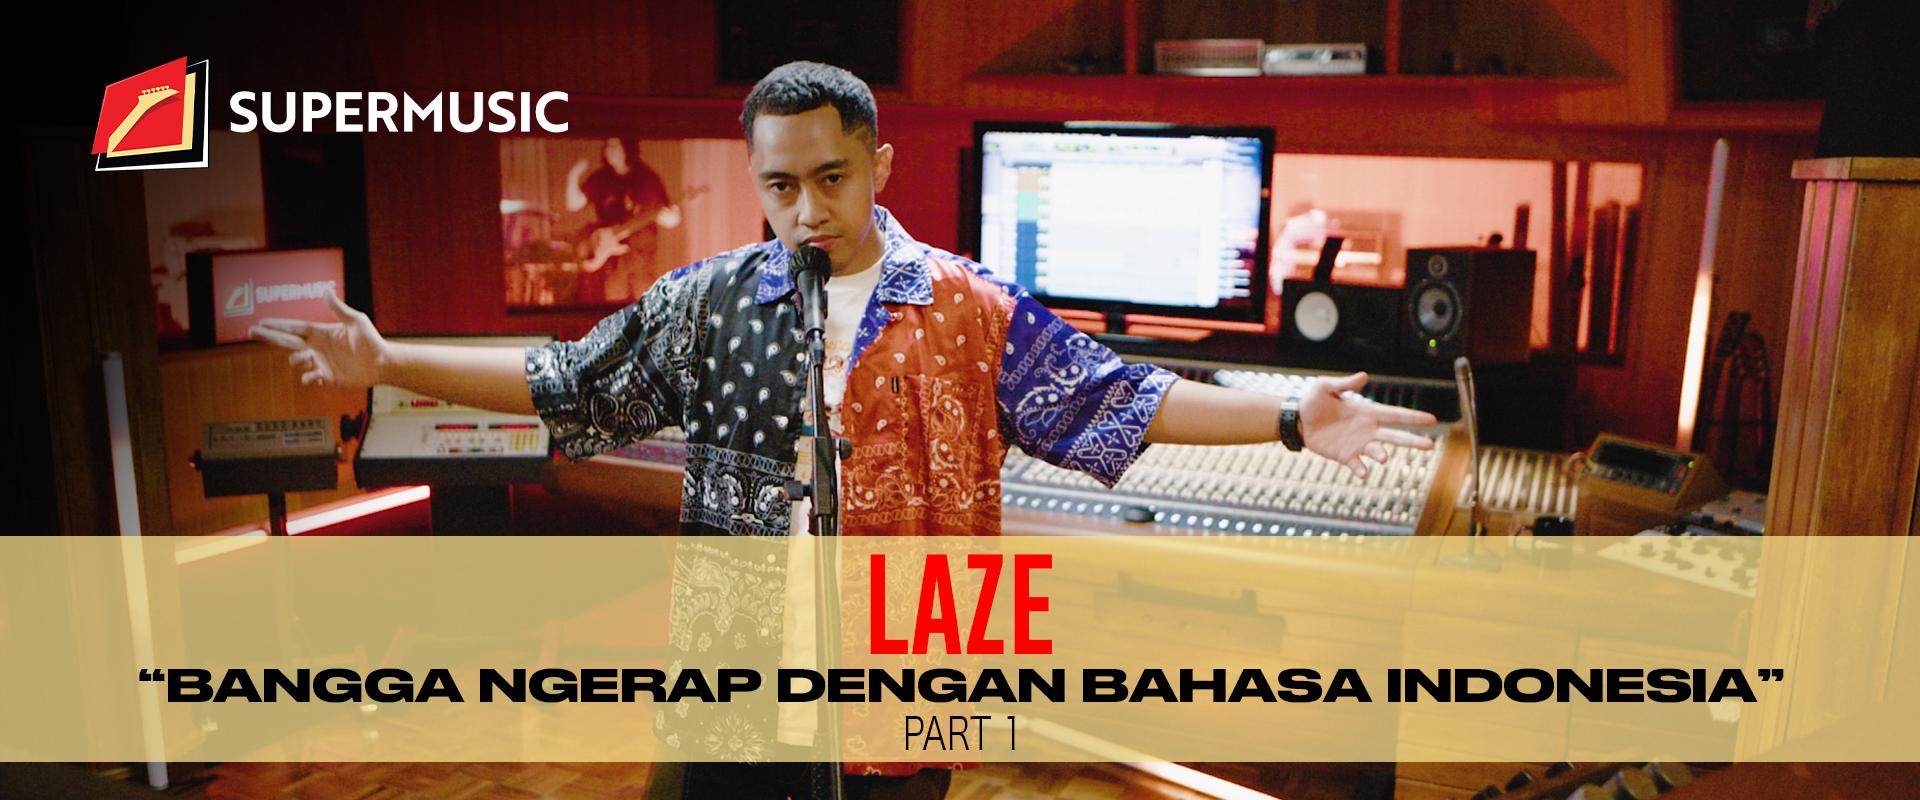 Supermusic - Laze Part 1